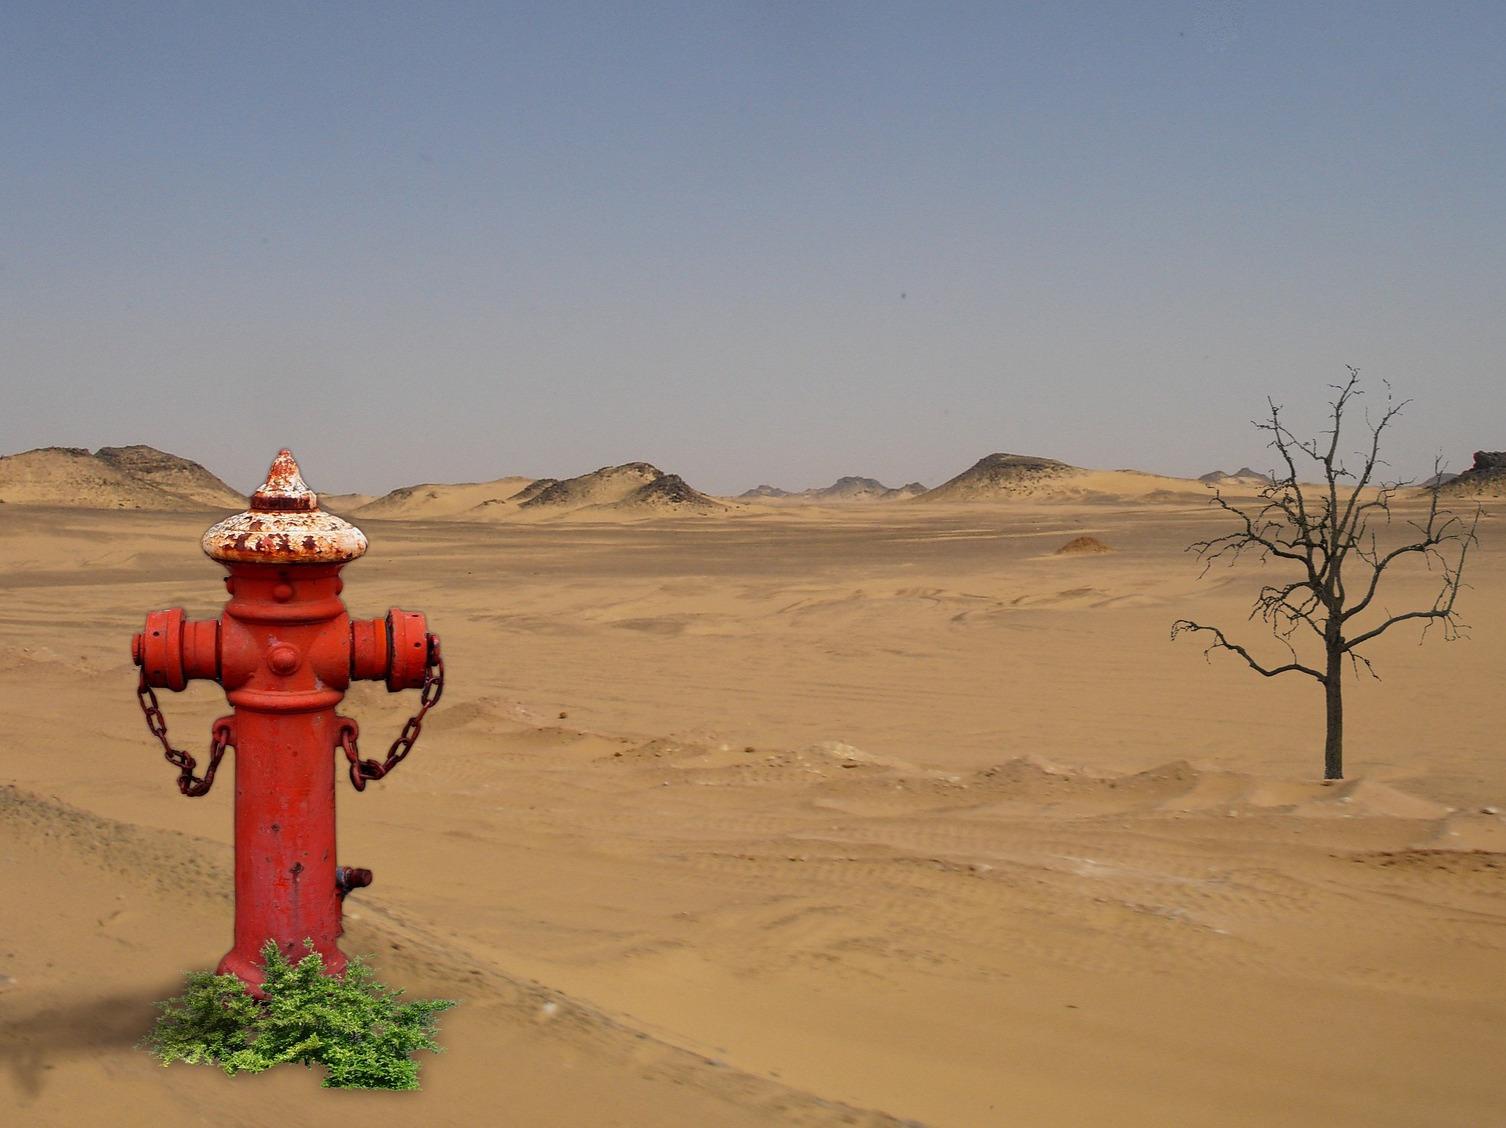 desert-897589_1920_edited